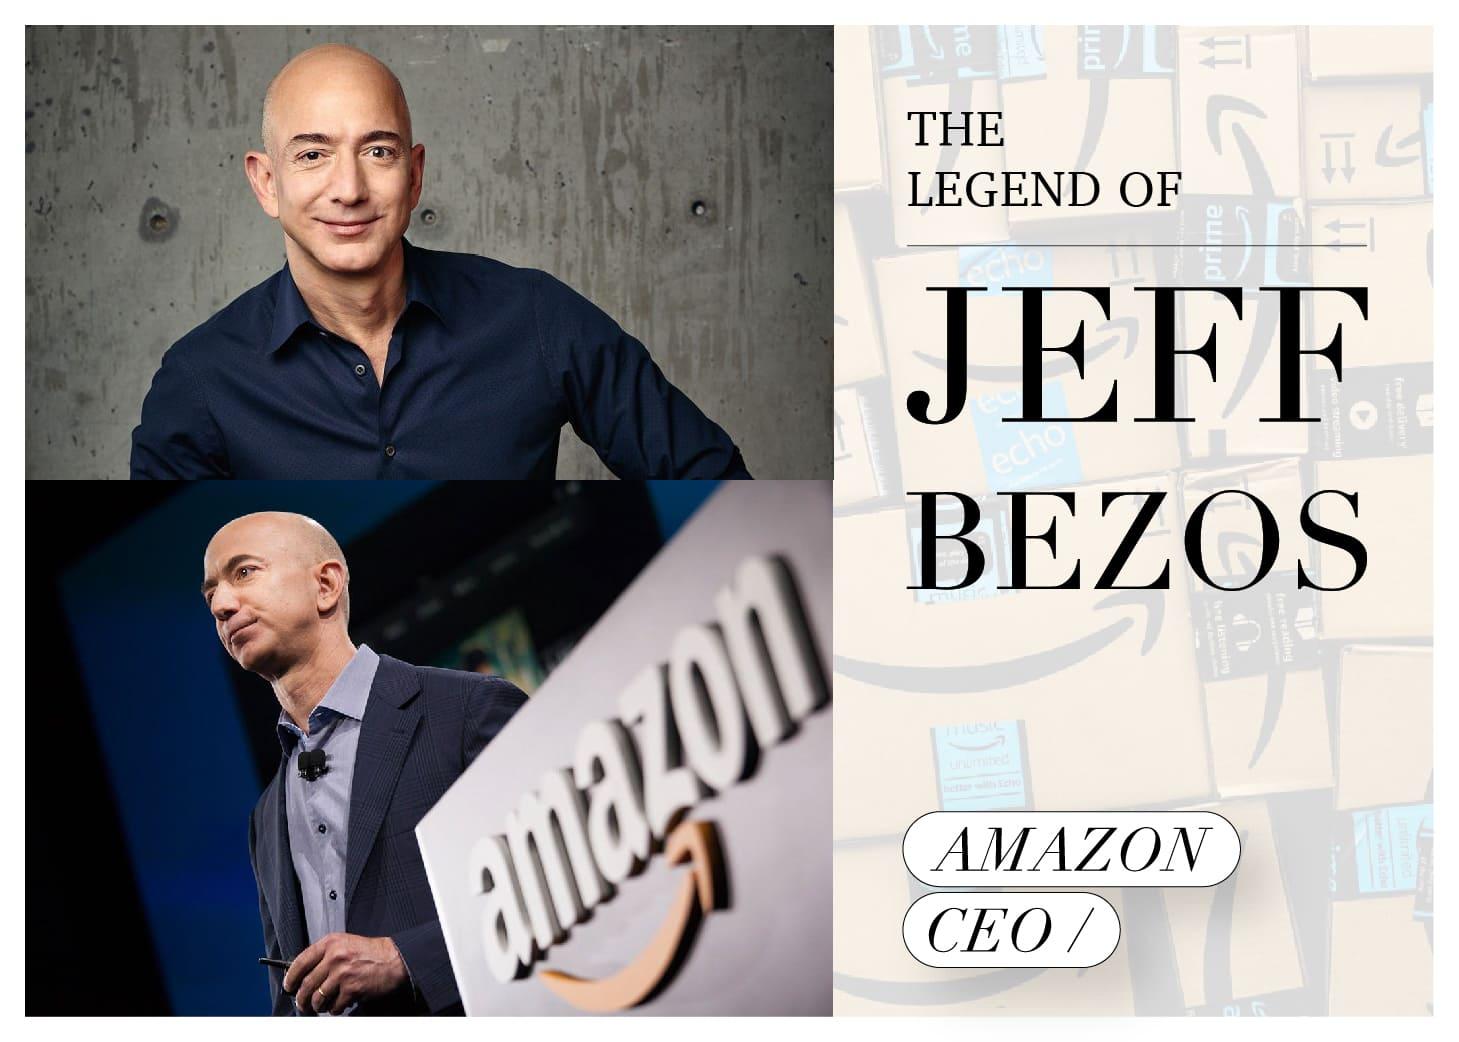 100個應該認識「電商傳奇」的理由 —— Amazon CEO 貝佐斯「顛覆致勝,稱霸全球」 The Legend of Jeff Bezos, Amazon CEO